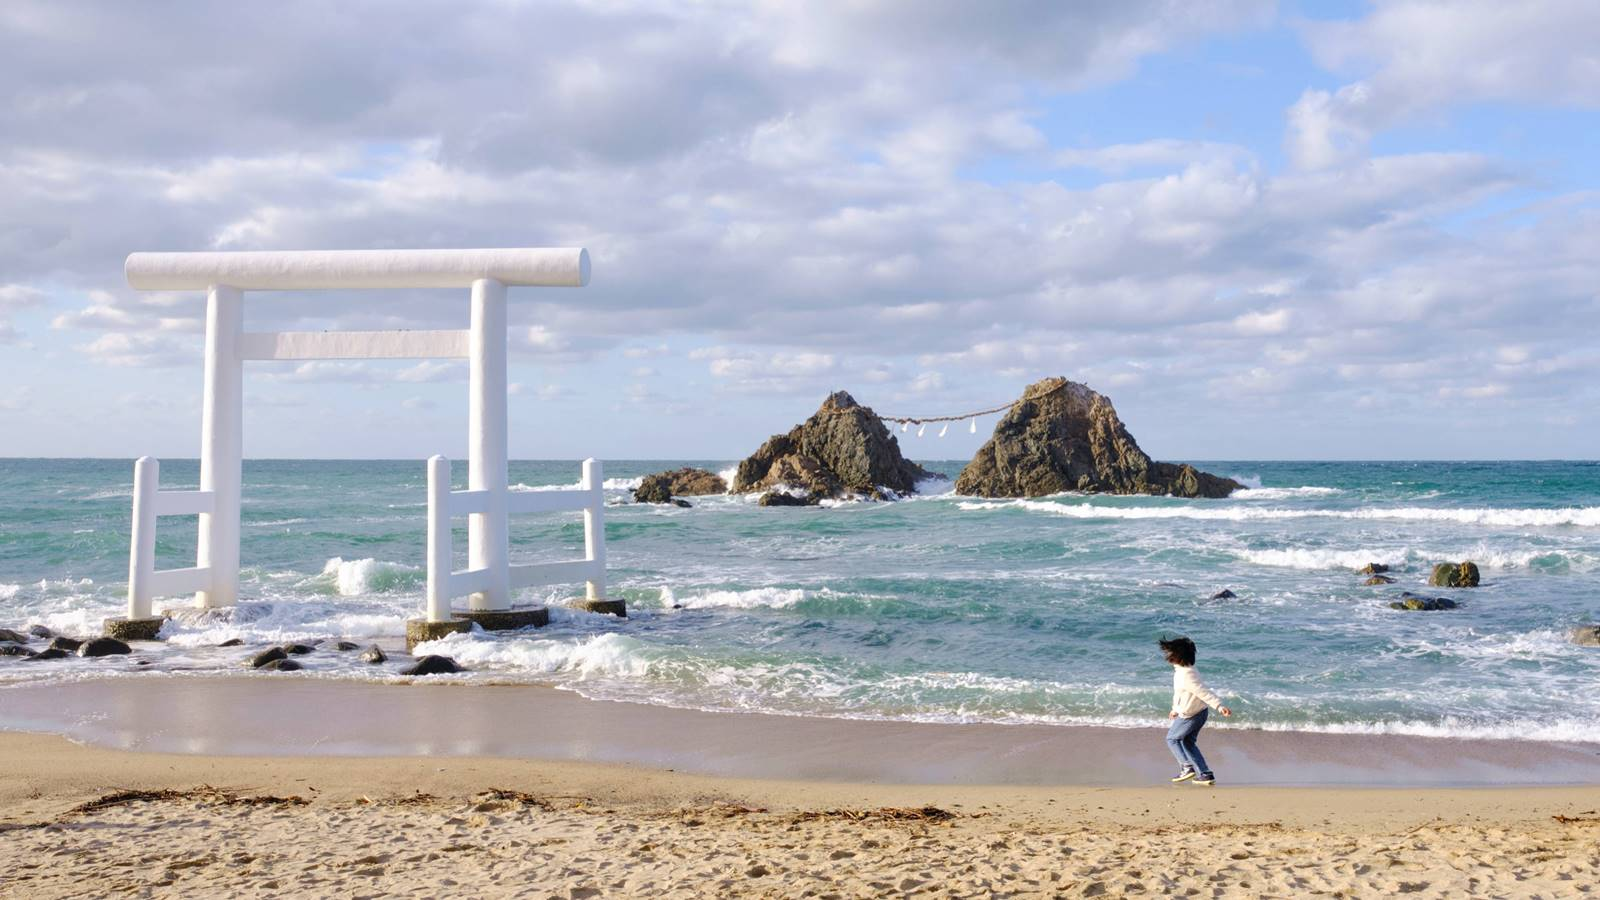 福岡-景點-推薦-夫婦岩-福岡好玩景點-福岡必玩景點-福岡必去景點-福岡自由行景點-攻略-市區-郊區-福岡觀光景點-福岡旅遊景點-福岡旅行-福岡行程-Fukuoka-Tourist-Attraction